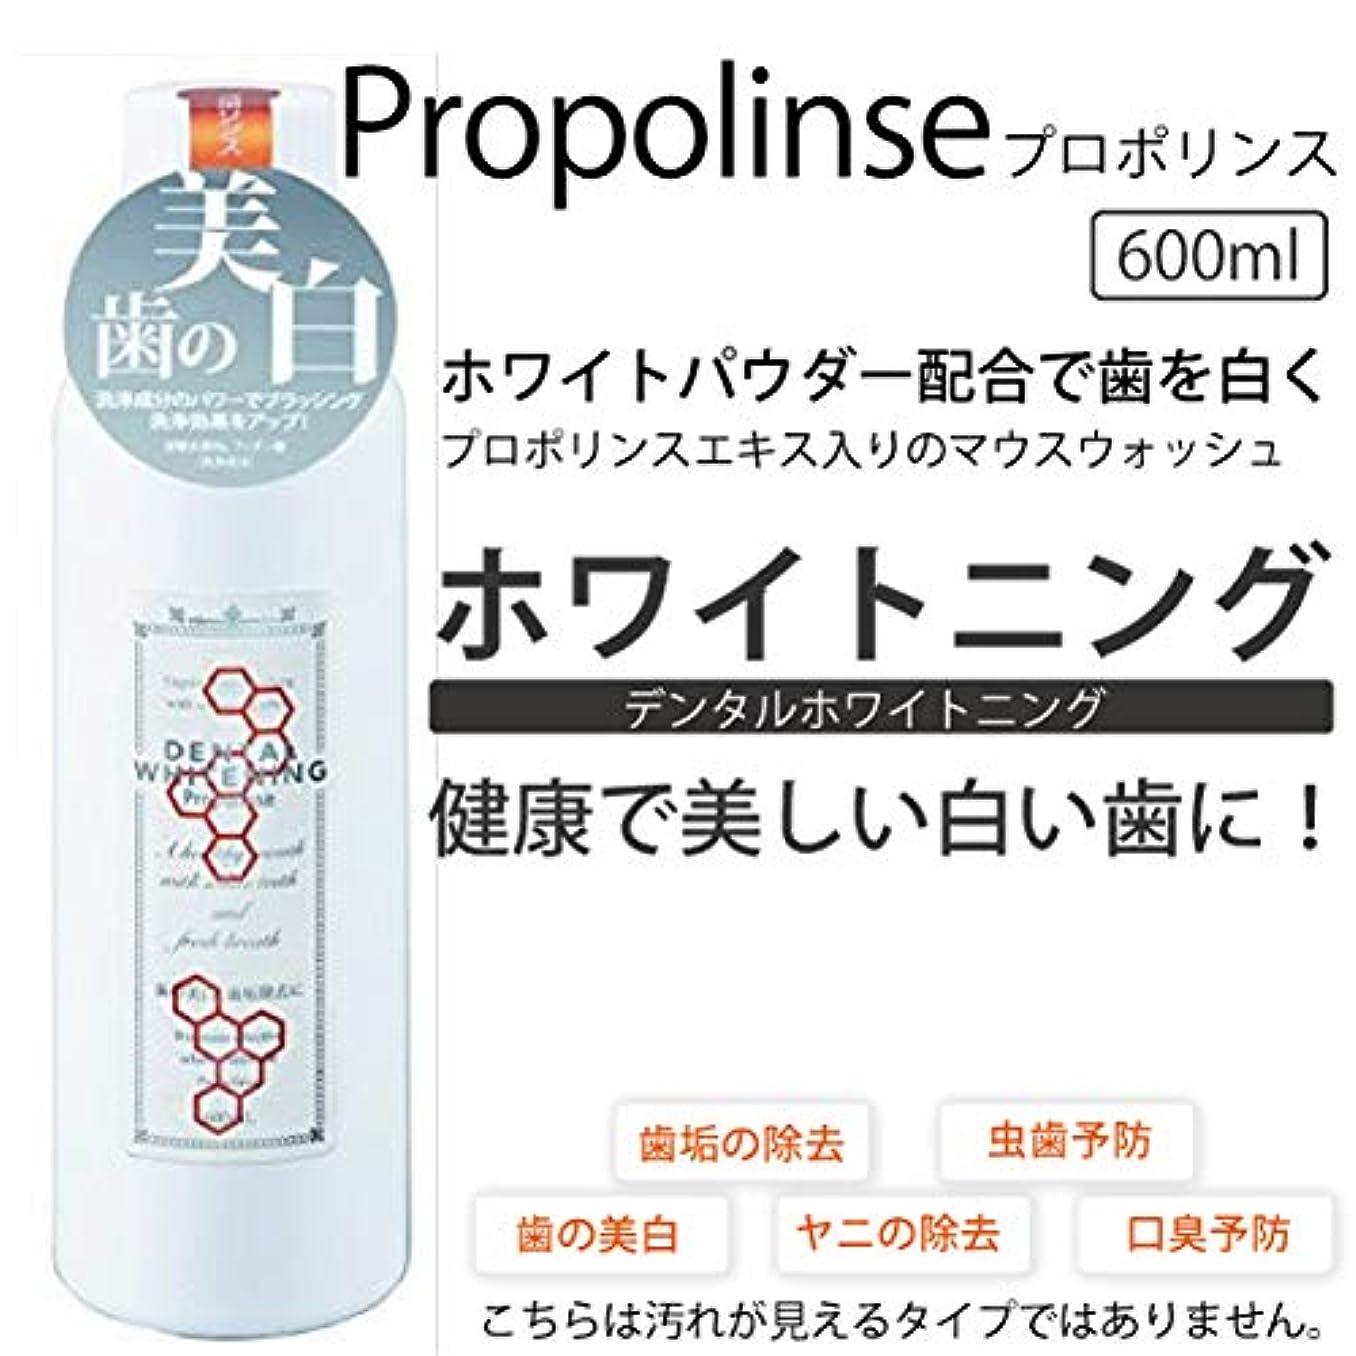 服古風なに対応プロポリンス マウスウォッシュ デンタルホワイトニング (ホワイトパウダー配合で歯を白く) 600ml [30本セット] 口臭対策